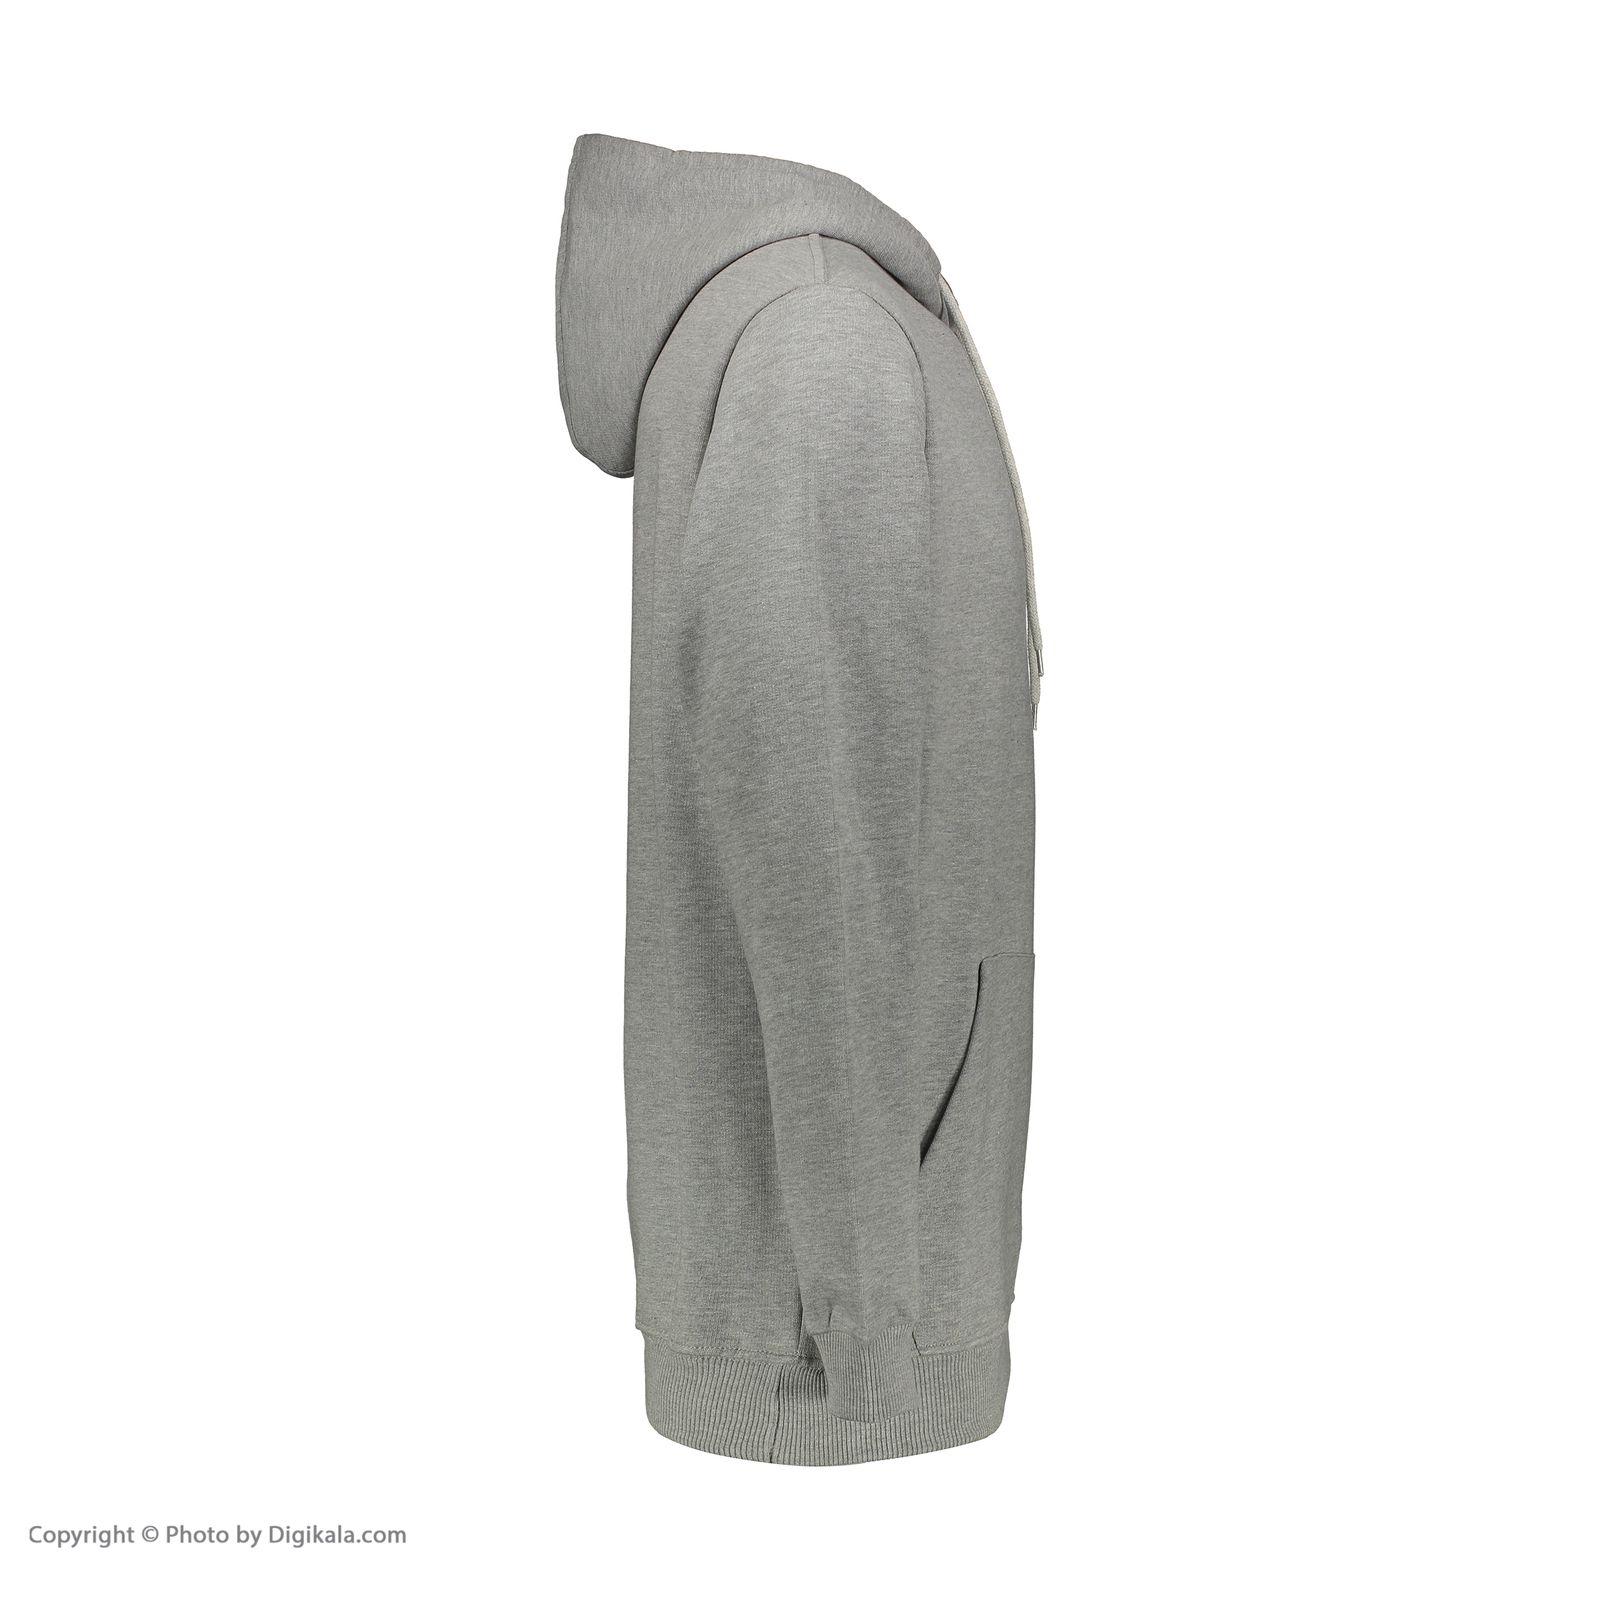 هودی ورزشی مردانه یونی پرو مدل 911159301-70 -  - 3